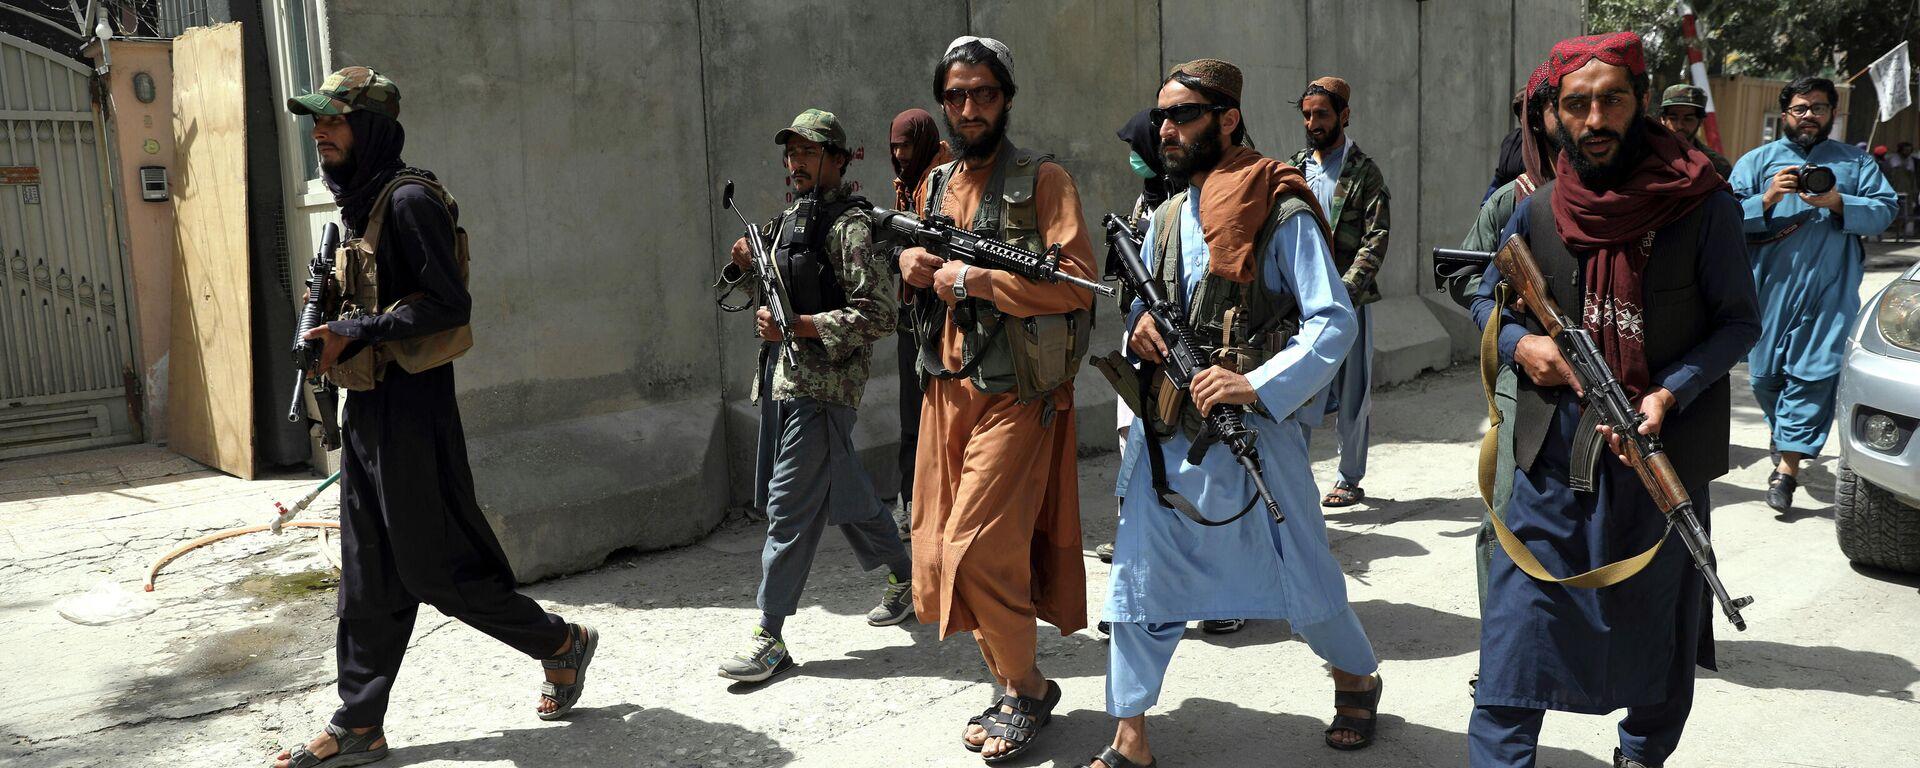 Боевики Талибана патрулируют район Вазир Акбар Хан в городе Кабул, Афганистан - Sputnik Тоҷикистон, 1920, 20.09.2021